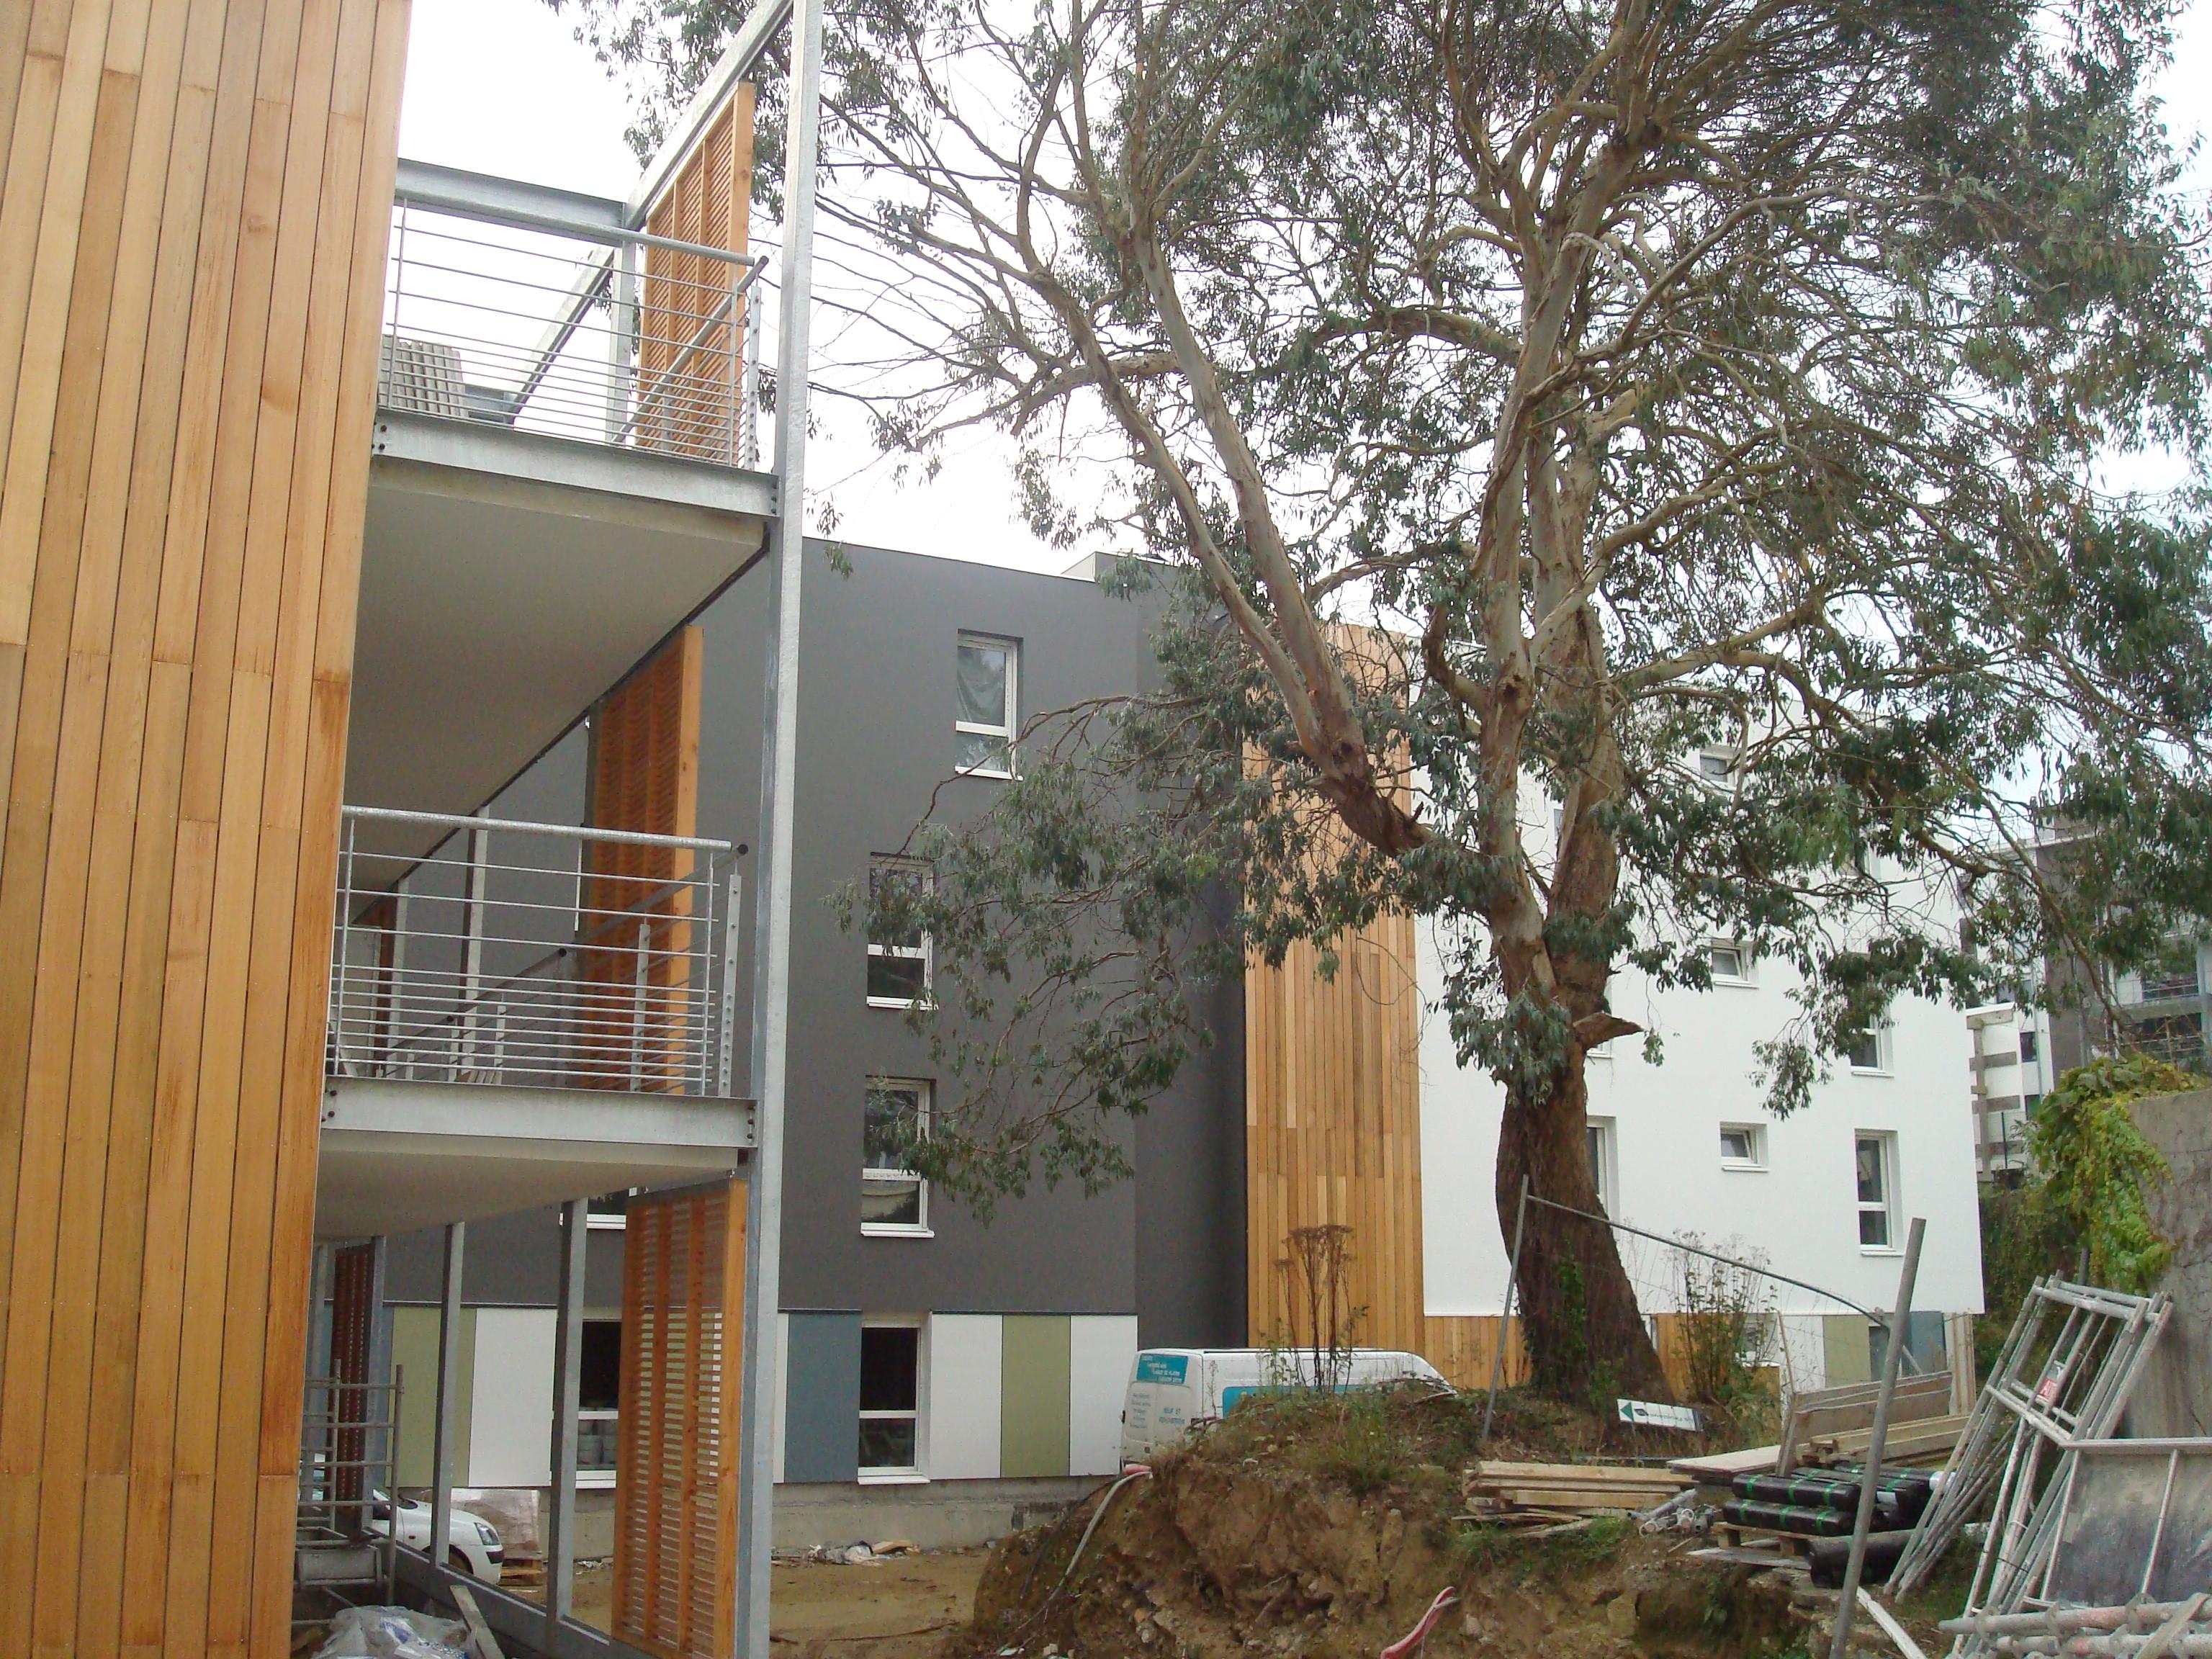 appartement neuf brest saint marc 132 000 fai brest appartement maison dom immo. Black Bedroom Furniture Sets. Home Design Ideas